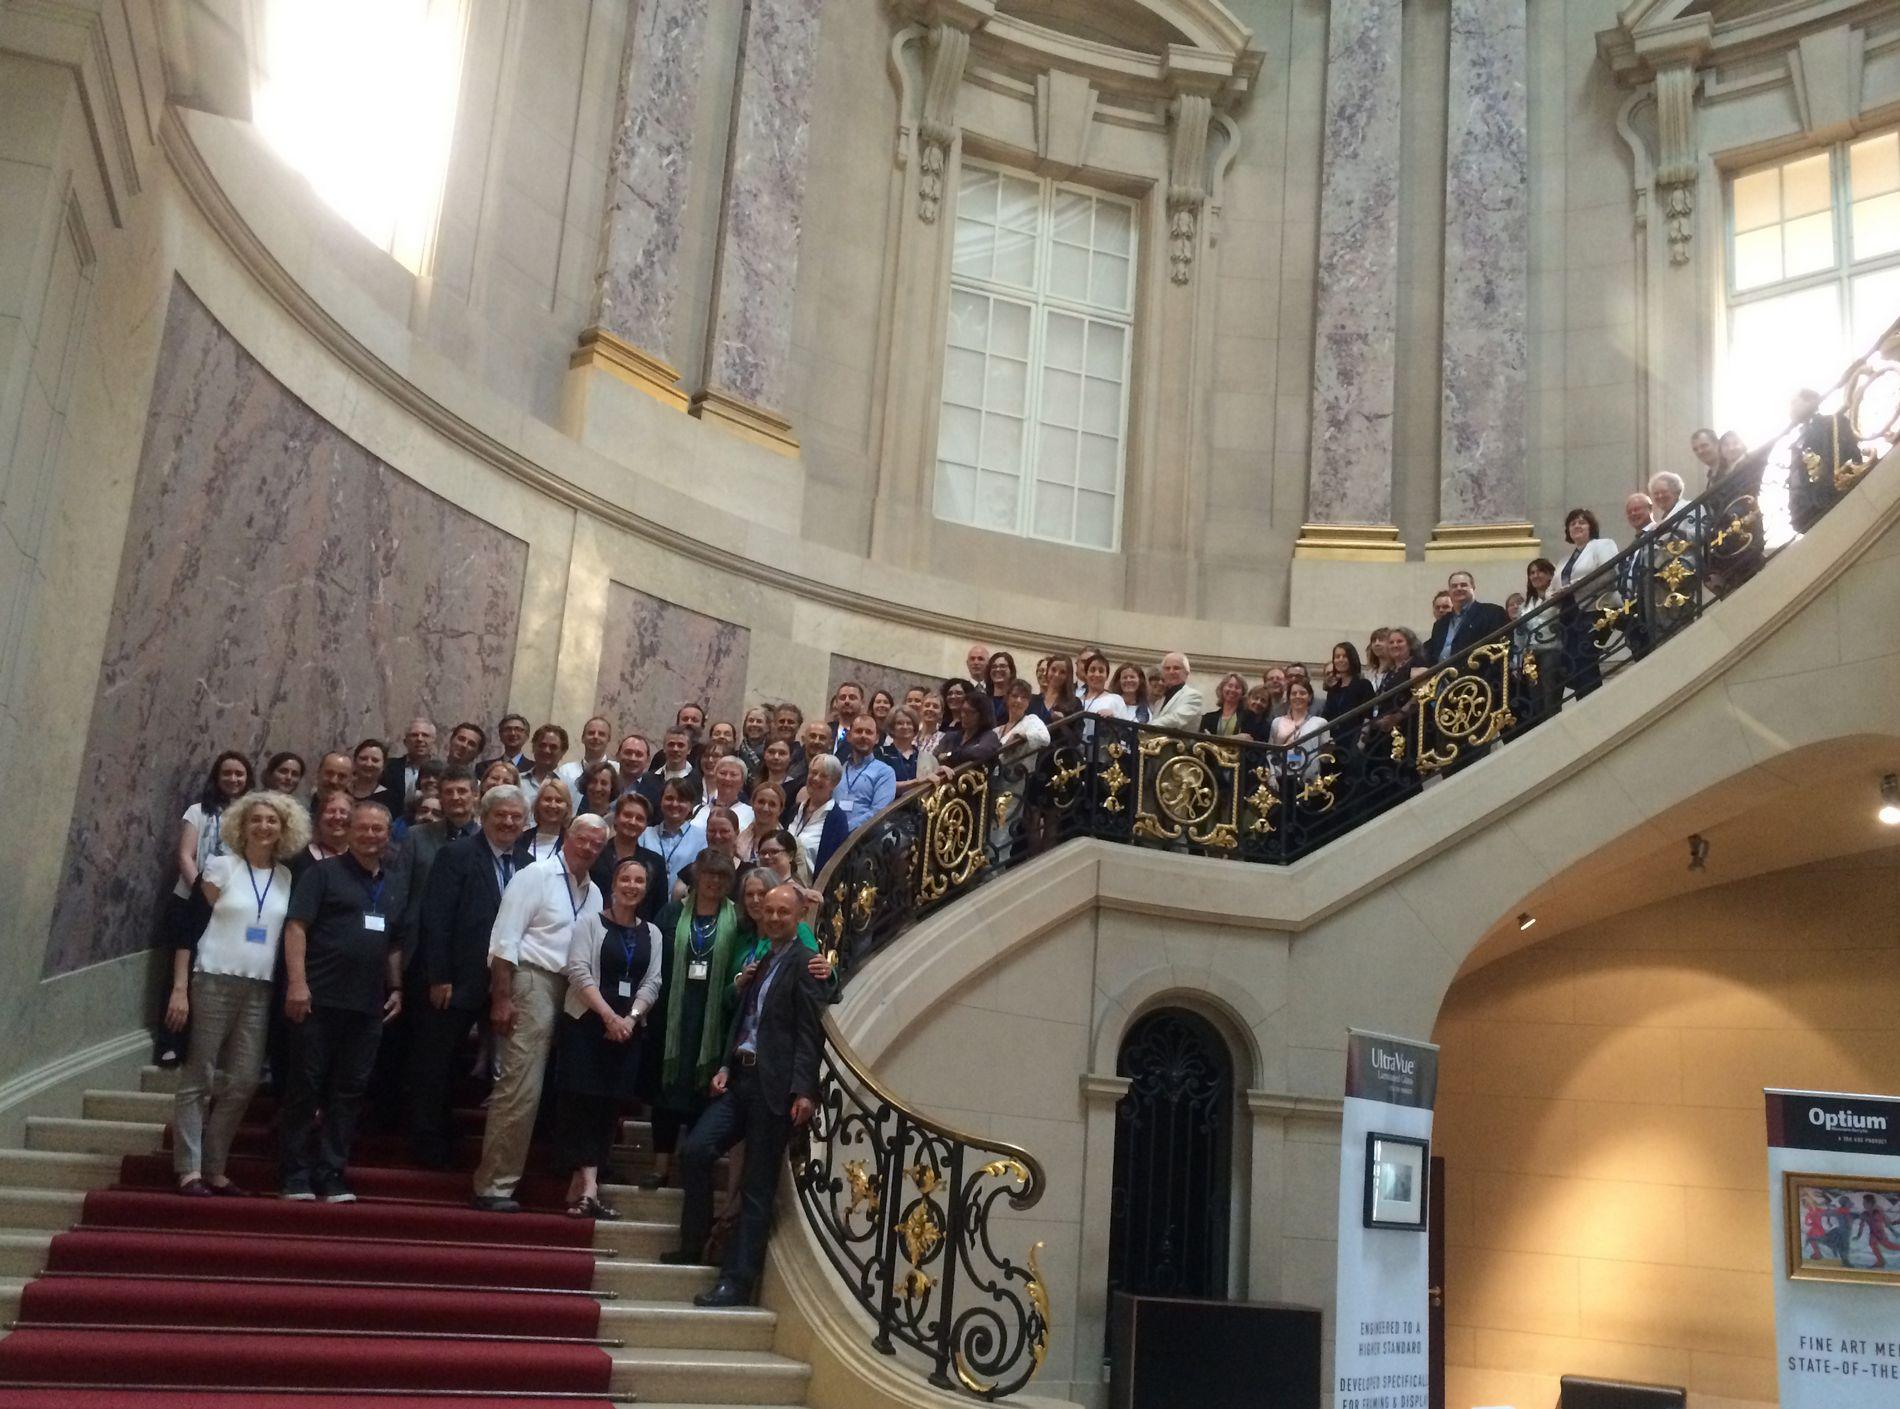 E.C.C.O. feiert sein 25jähriges Jubiläum auf Einladung des VDR in Berlin. Im Bild: Die Teilnehmer:innen im Treppenhaus des Bodemuseums.